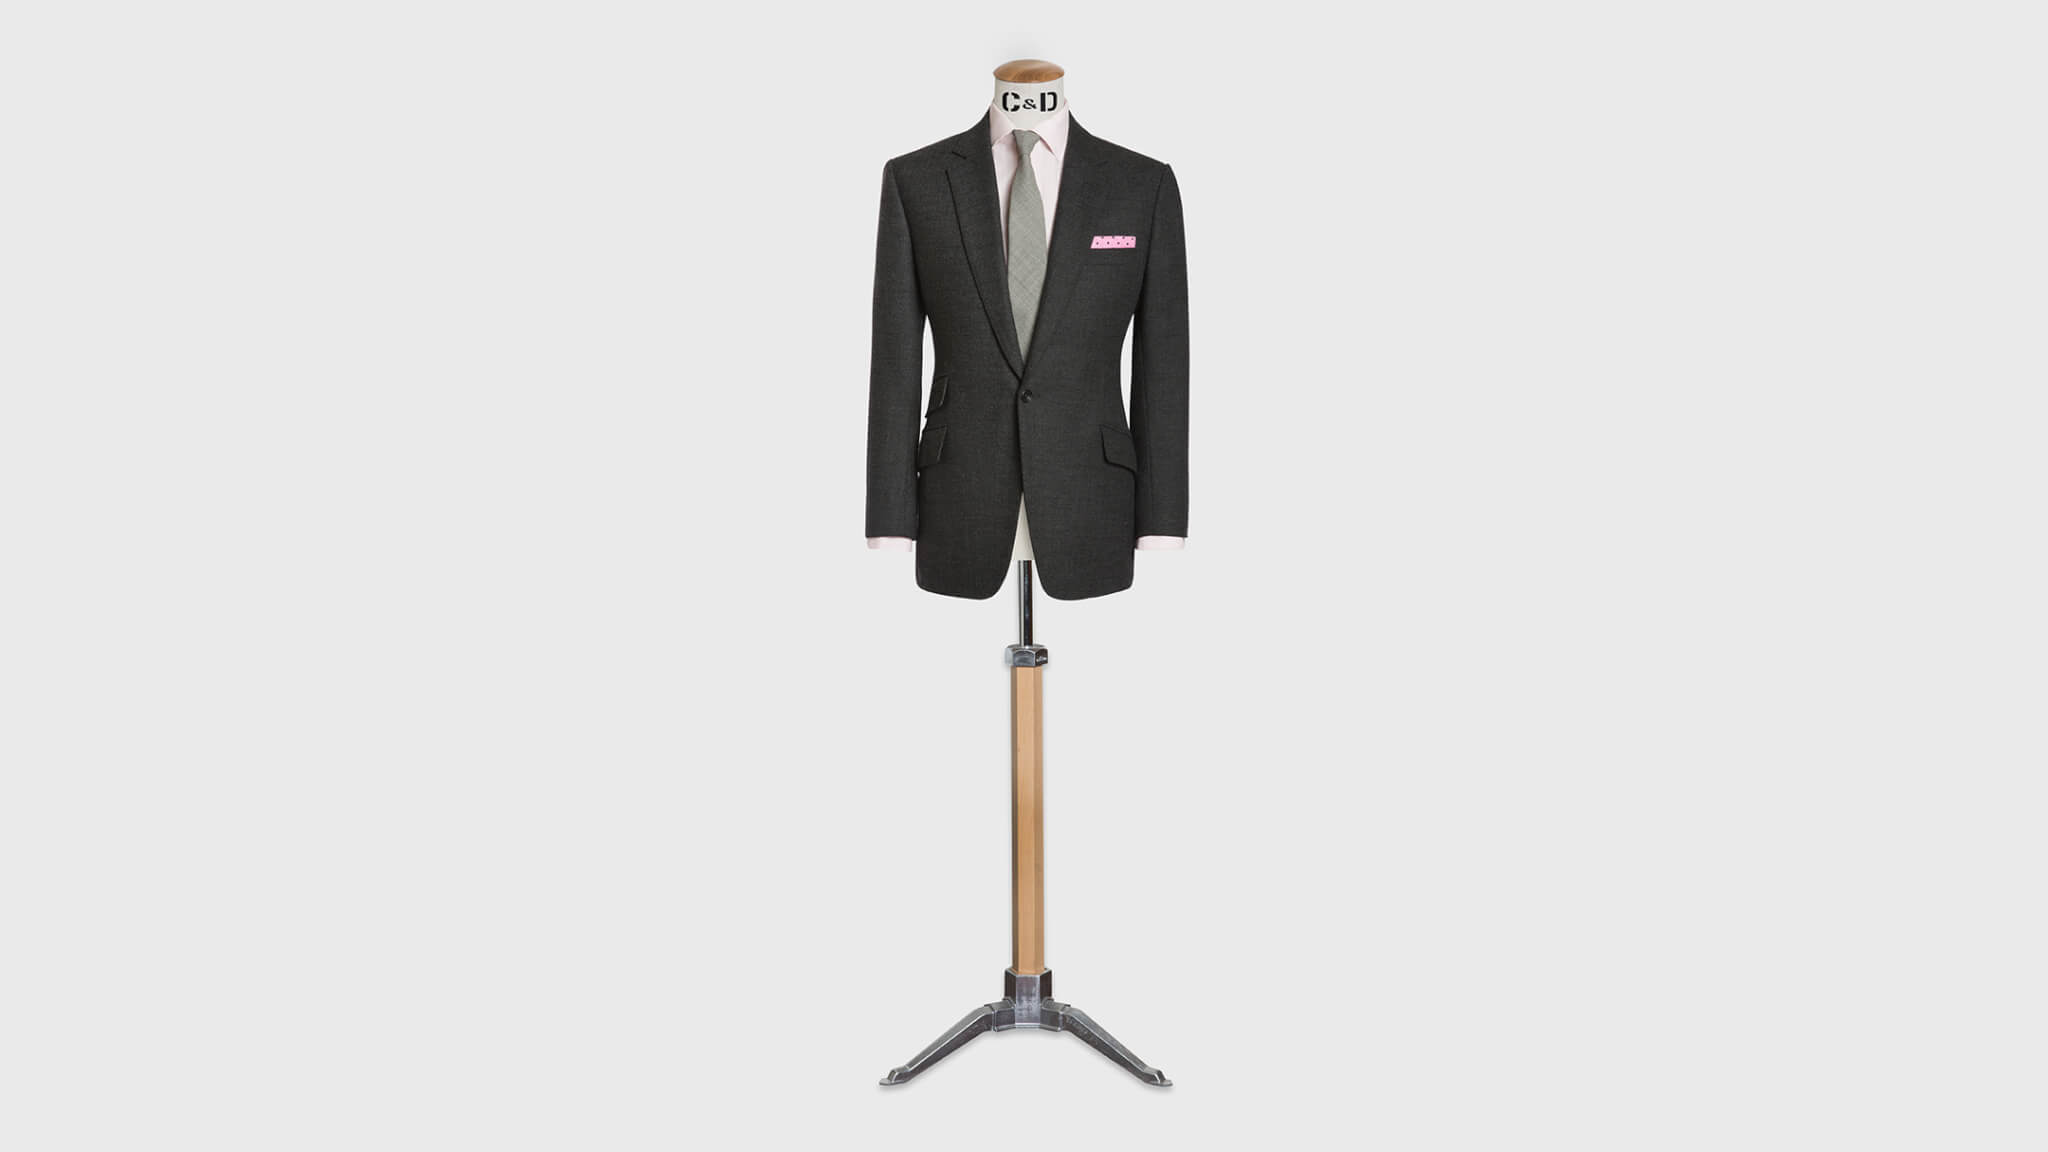 bespoke-tailored-wardrobe-grey-suit